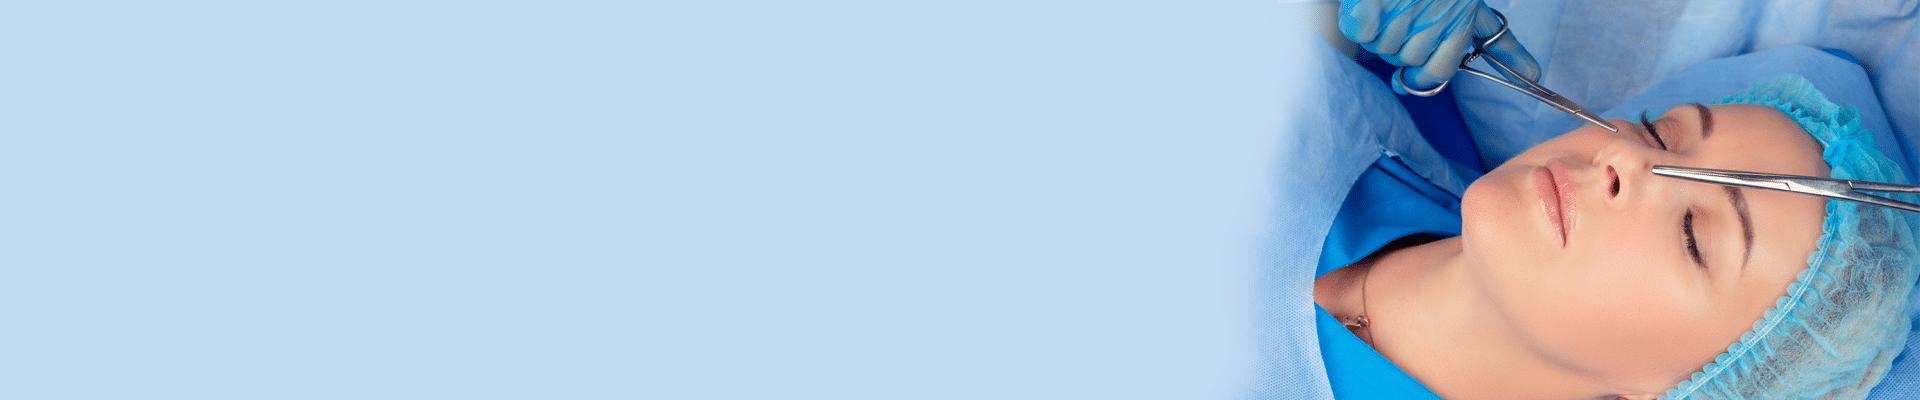 [:fr]Rhinoplastie Nabeul pas cher : chirurgie esthétique du nez meilleur prix[:ar]جراحة تجميل الأنف غير مكلفة نابل: أفضل سعر لجراحة تجميل الأنف[:]